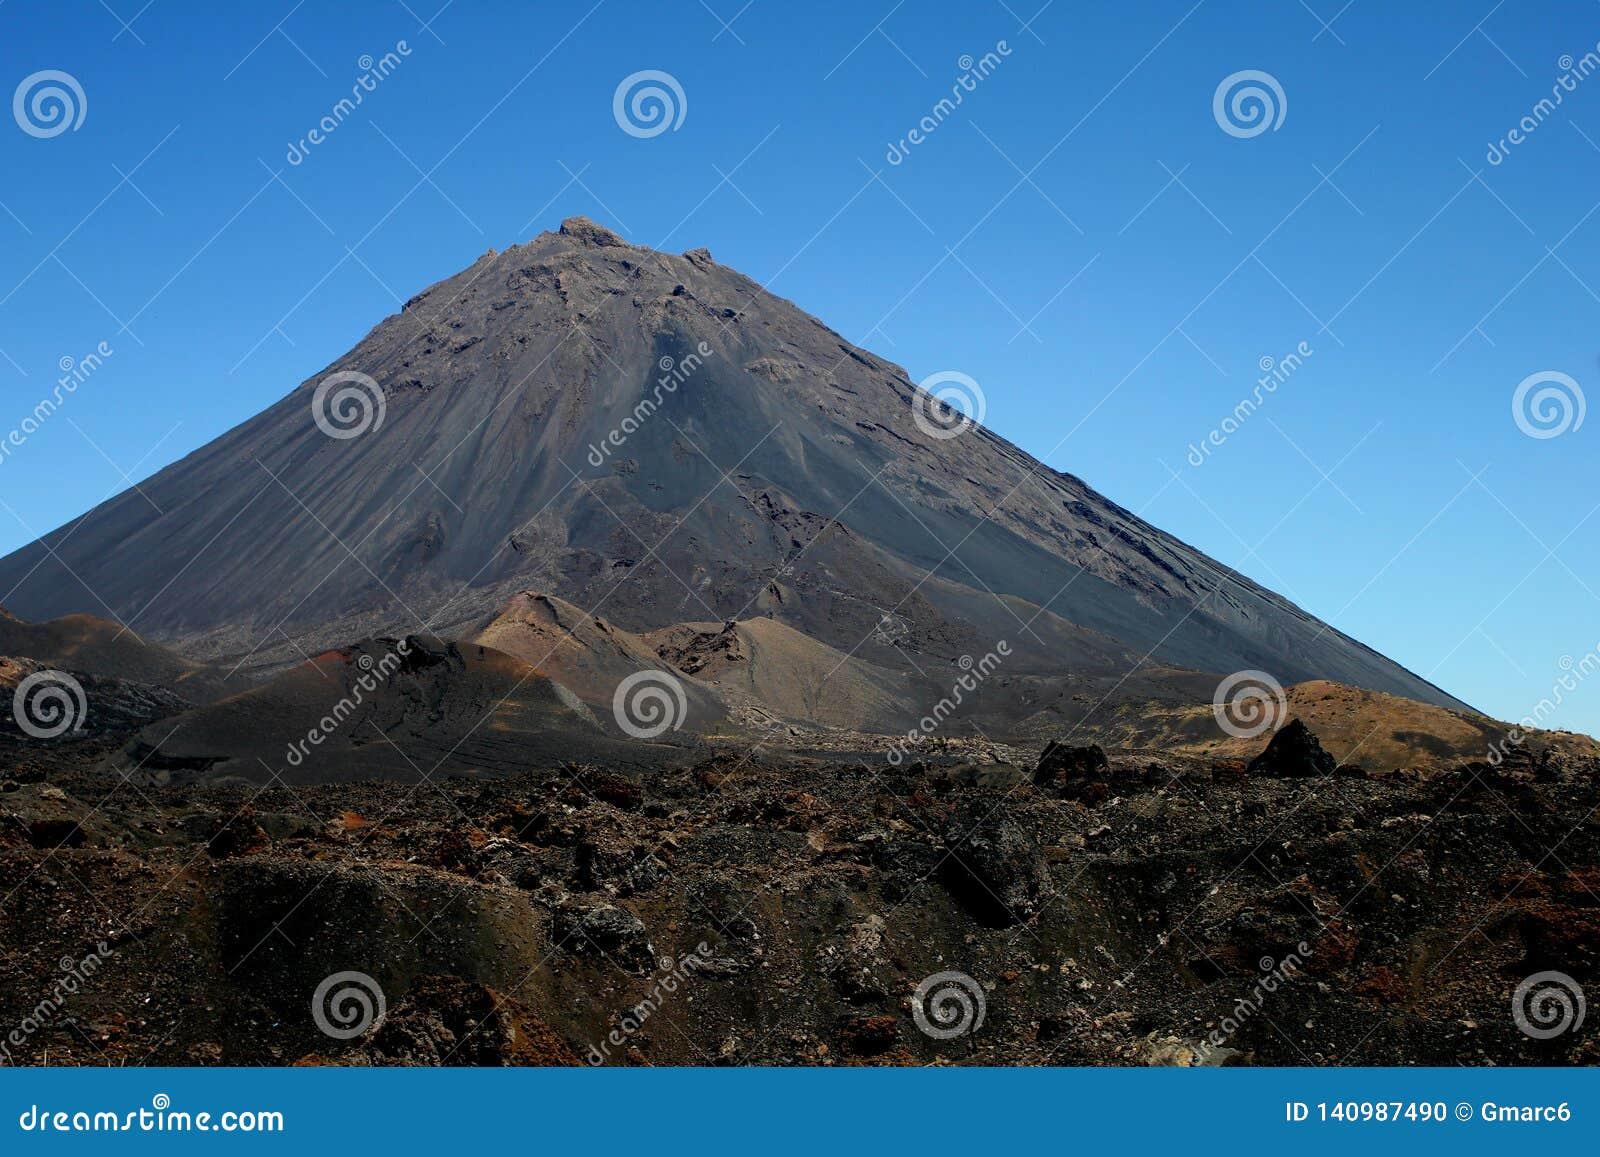 Przylądka Verde aktywny wulkan Pico robi Fogo na wyspie Fogo